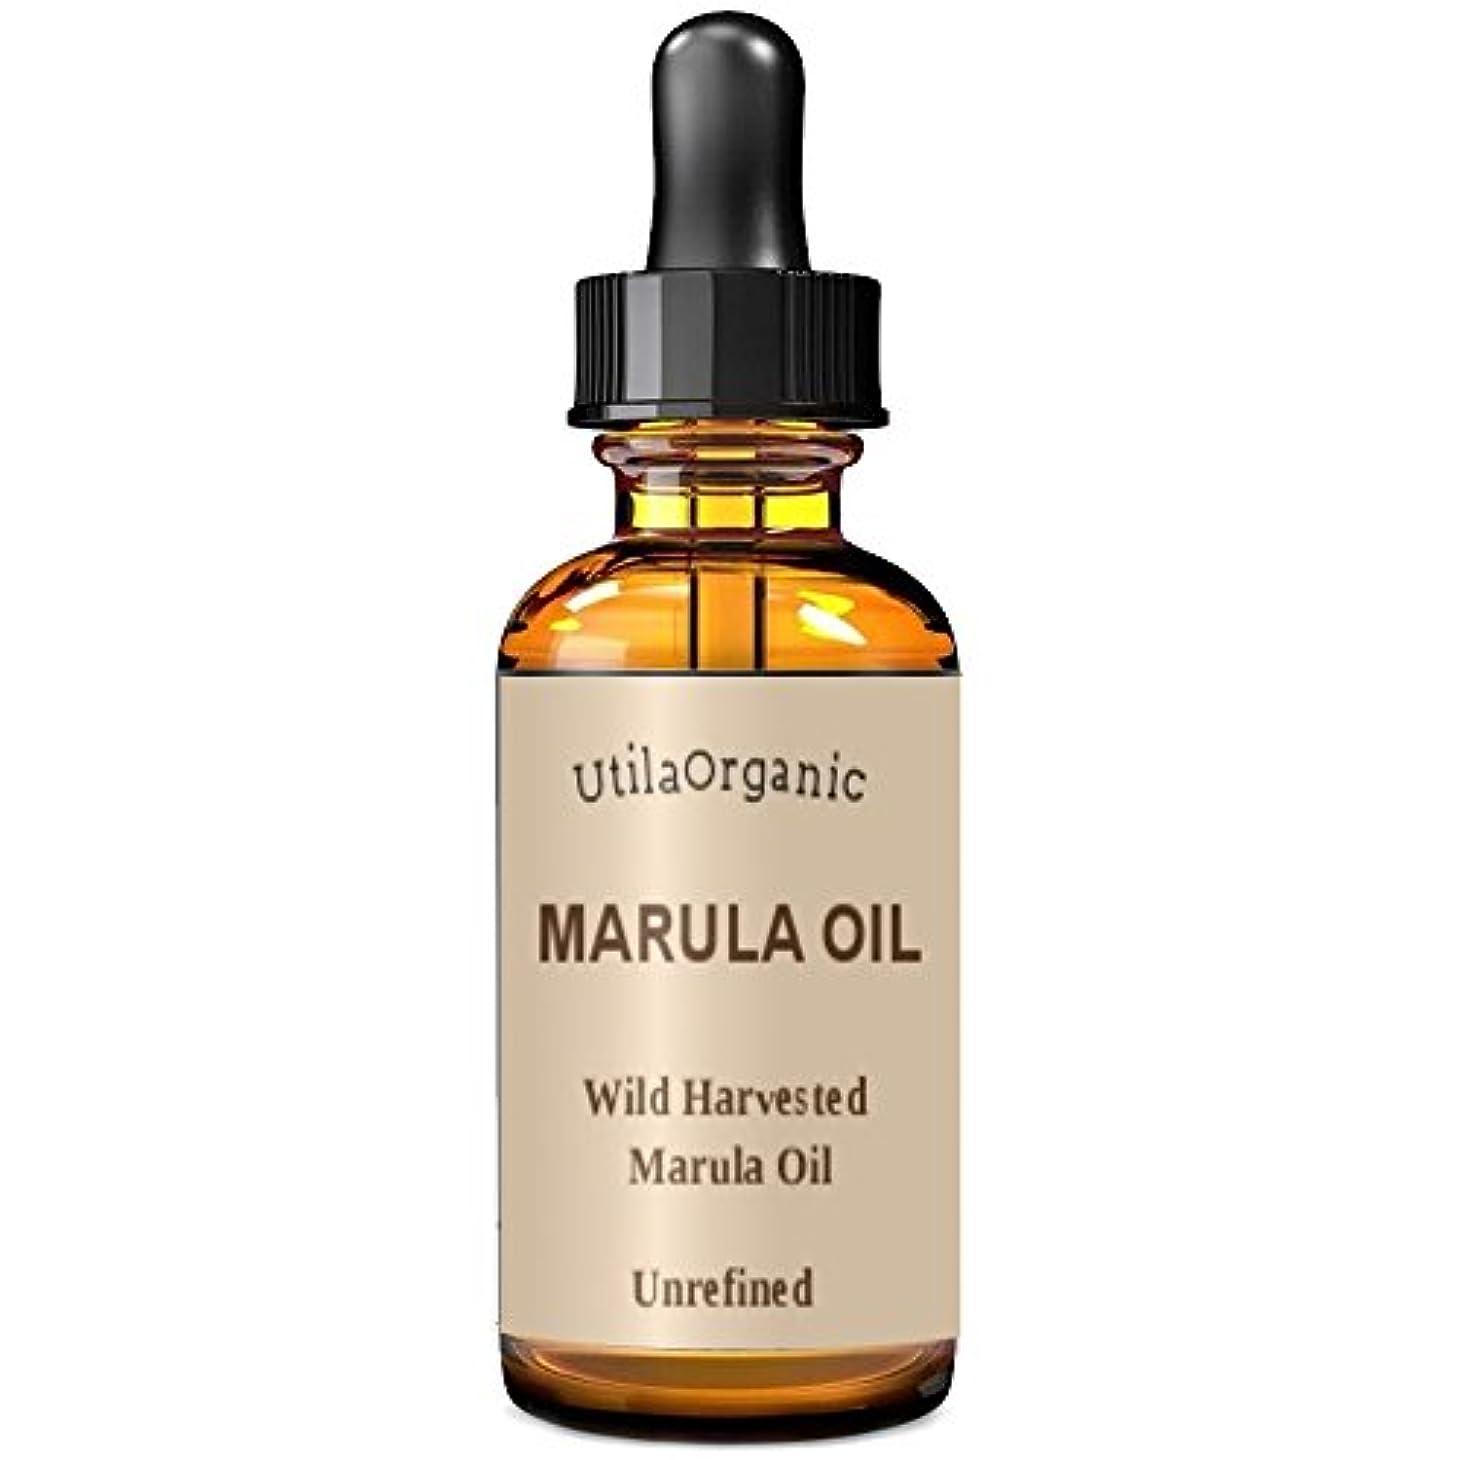 疑い者コンプライアンス荒涼とした未精製 マルラオイル 60ml Marula Oil 100% pure and natural 【並行輸入品】